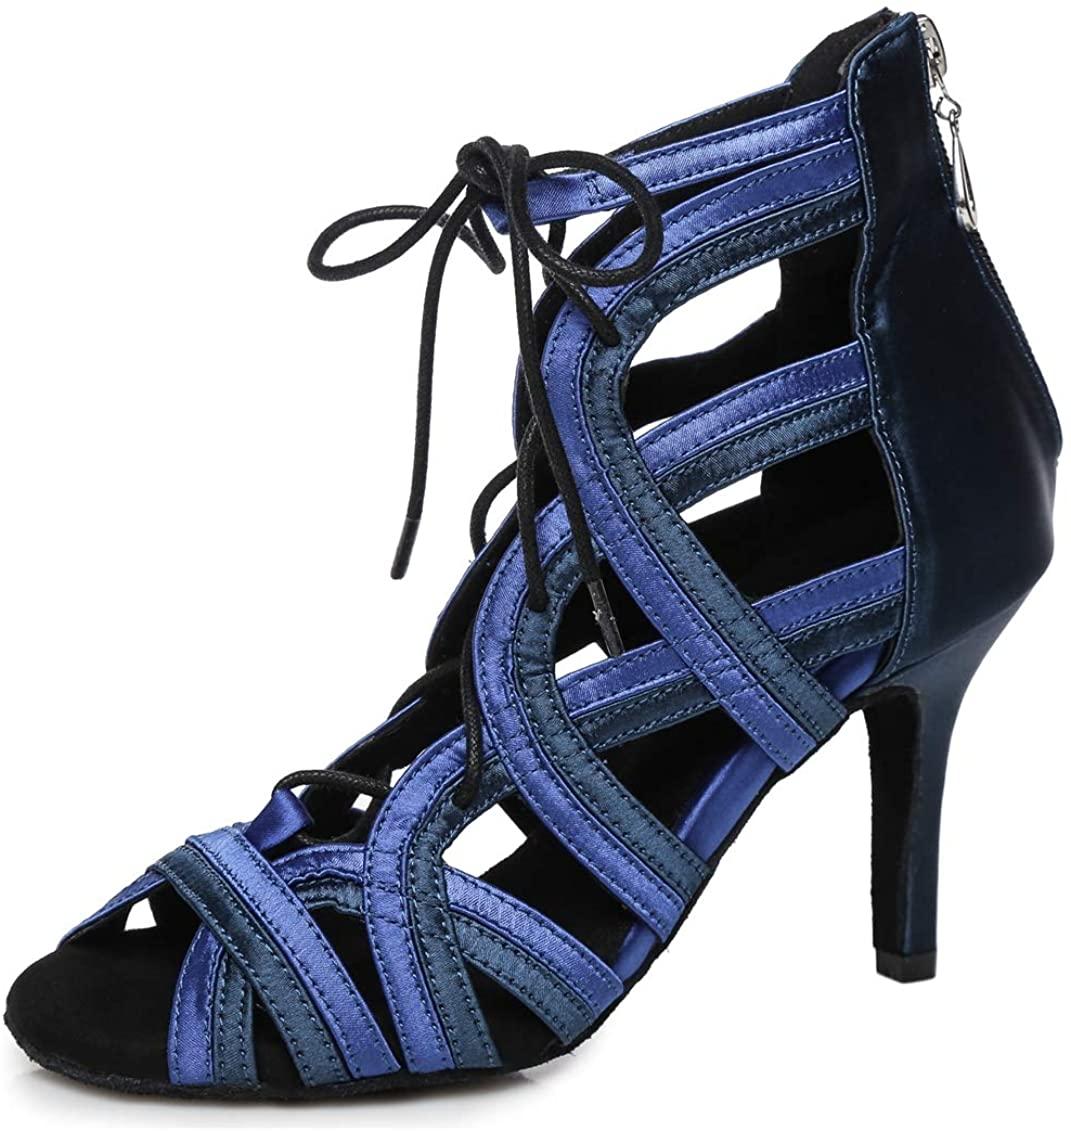 Minishion Women's Lace Tie Stiletto Heel Dance Shoes Evening Ankle Sandals L427